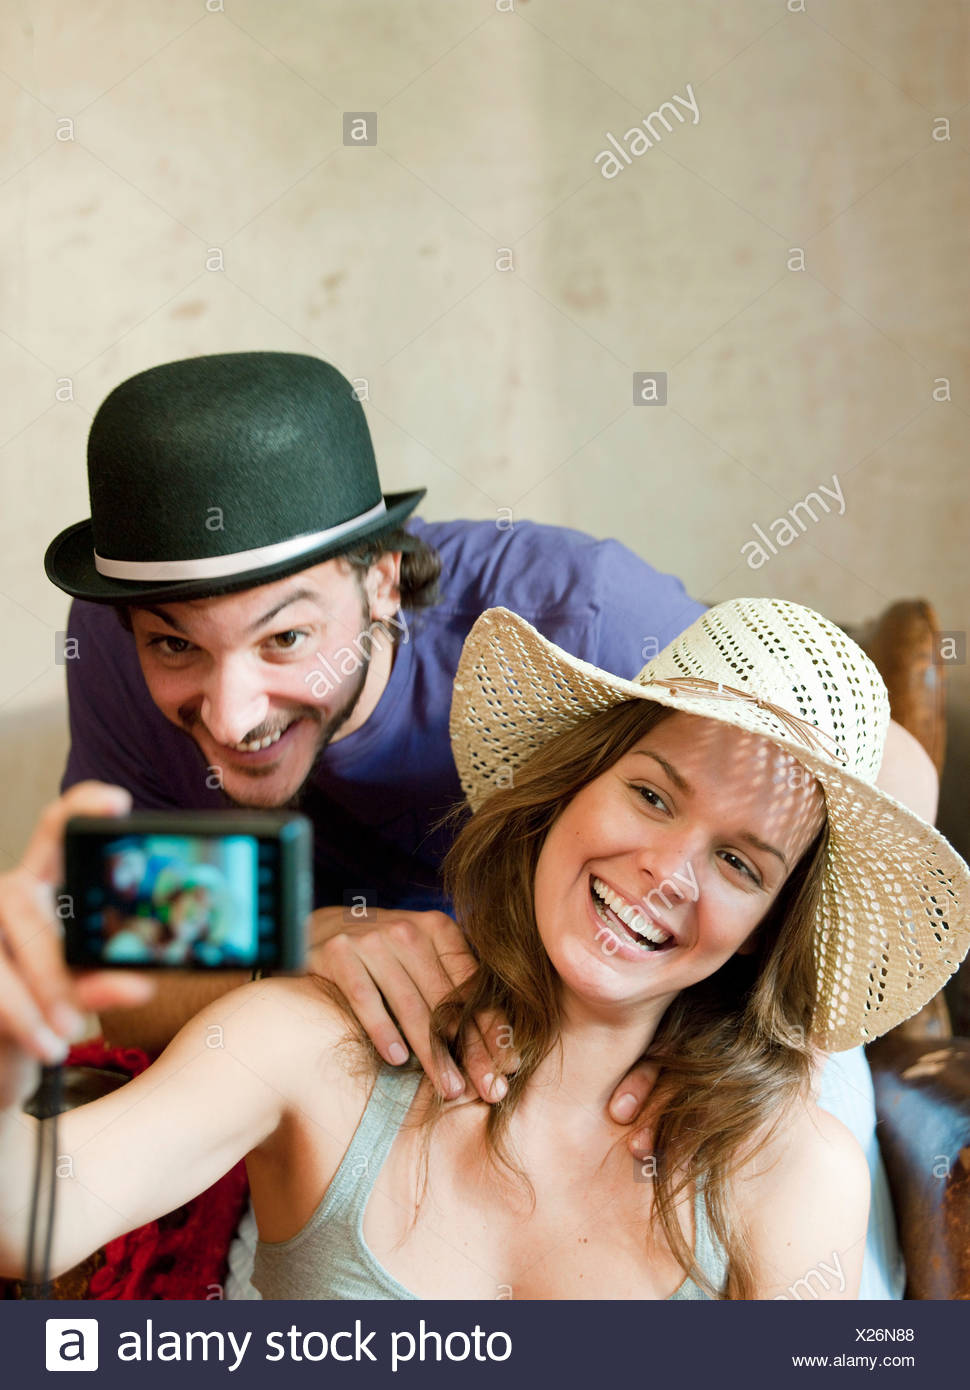 Matura in cappelli tenendo proprio fotografia Immagini Stock